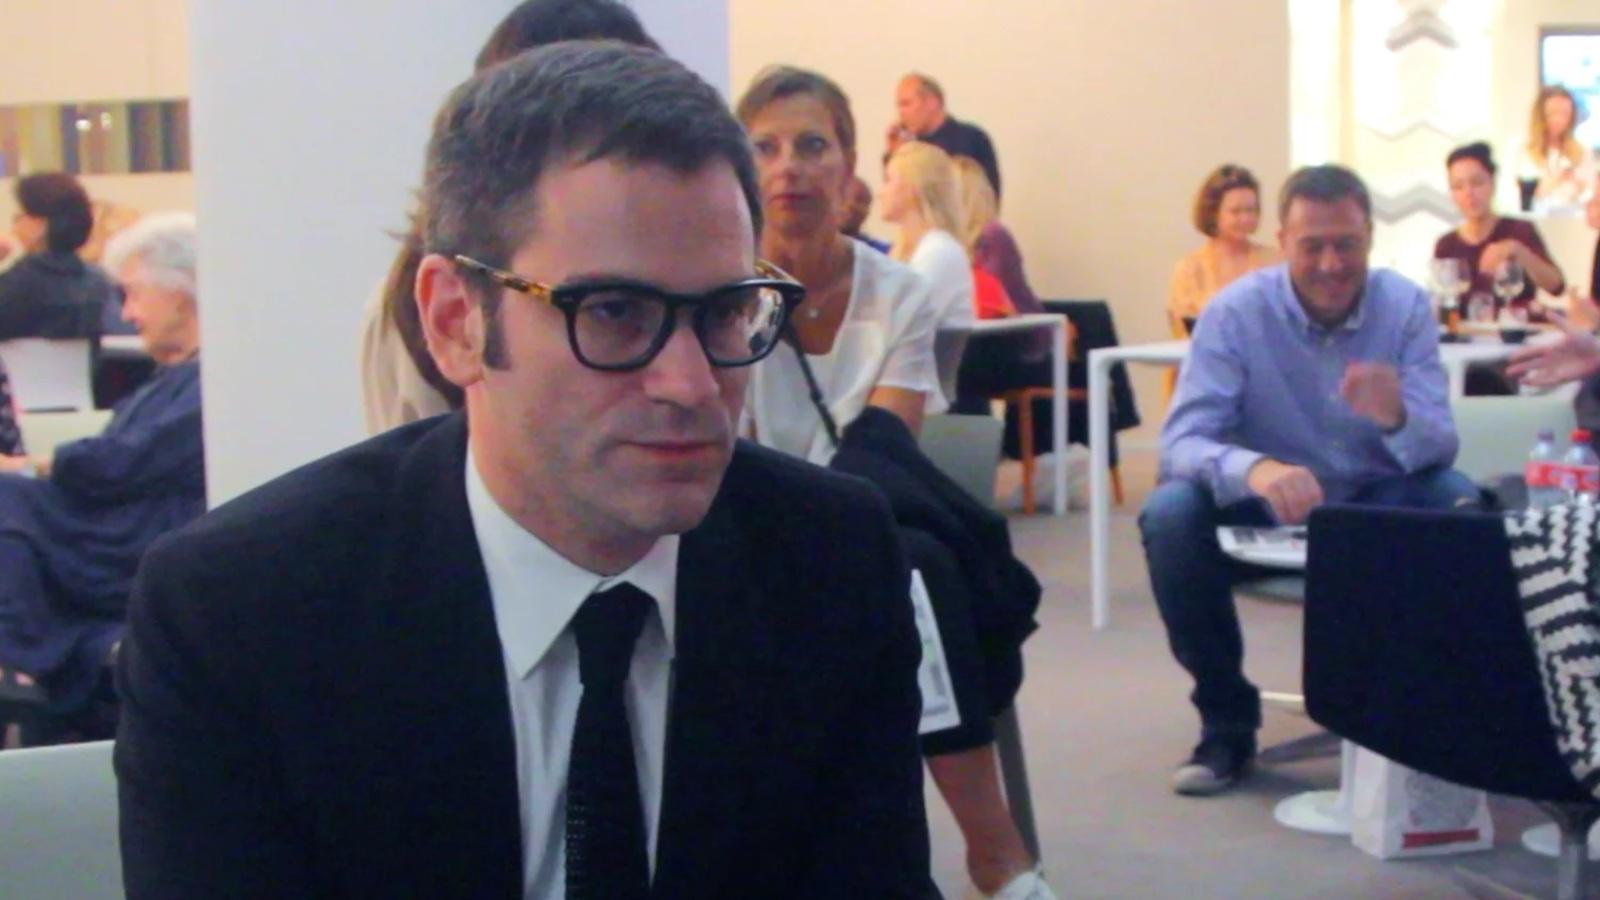 Philip Tinari